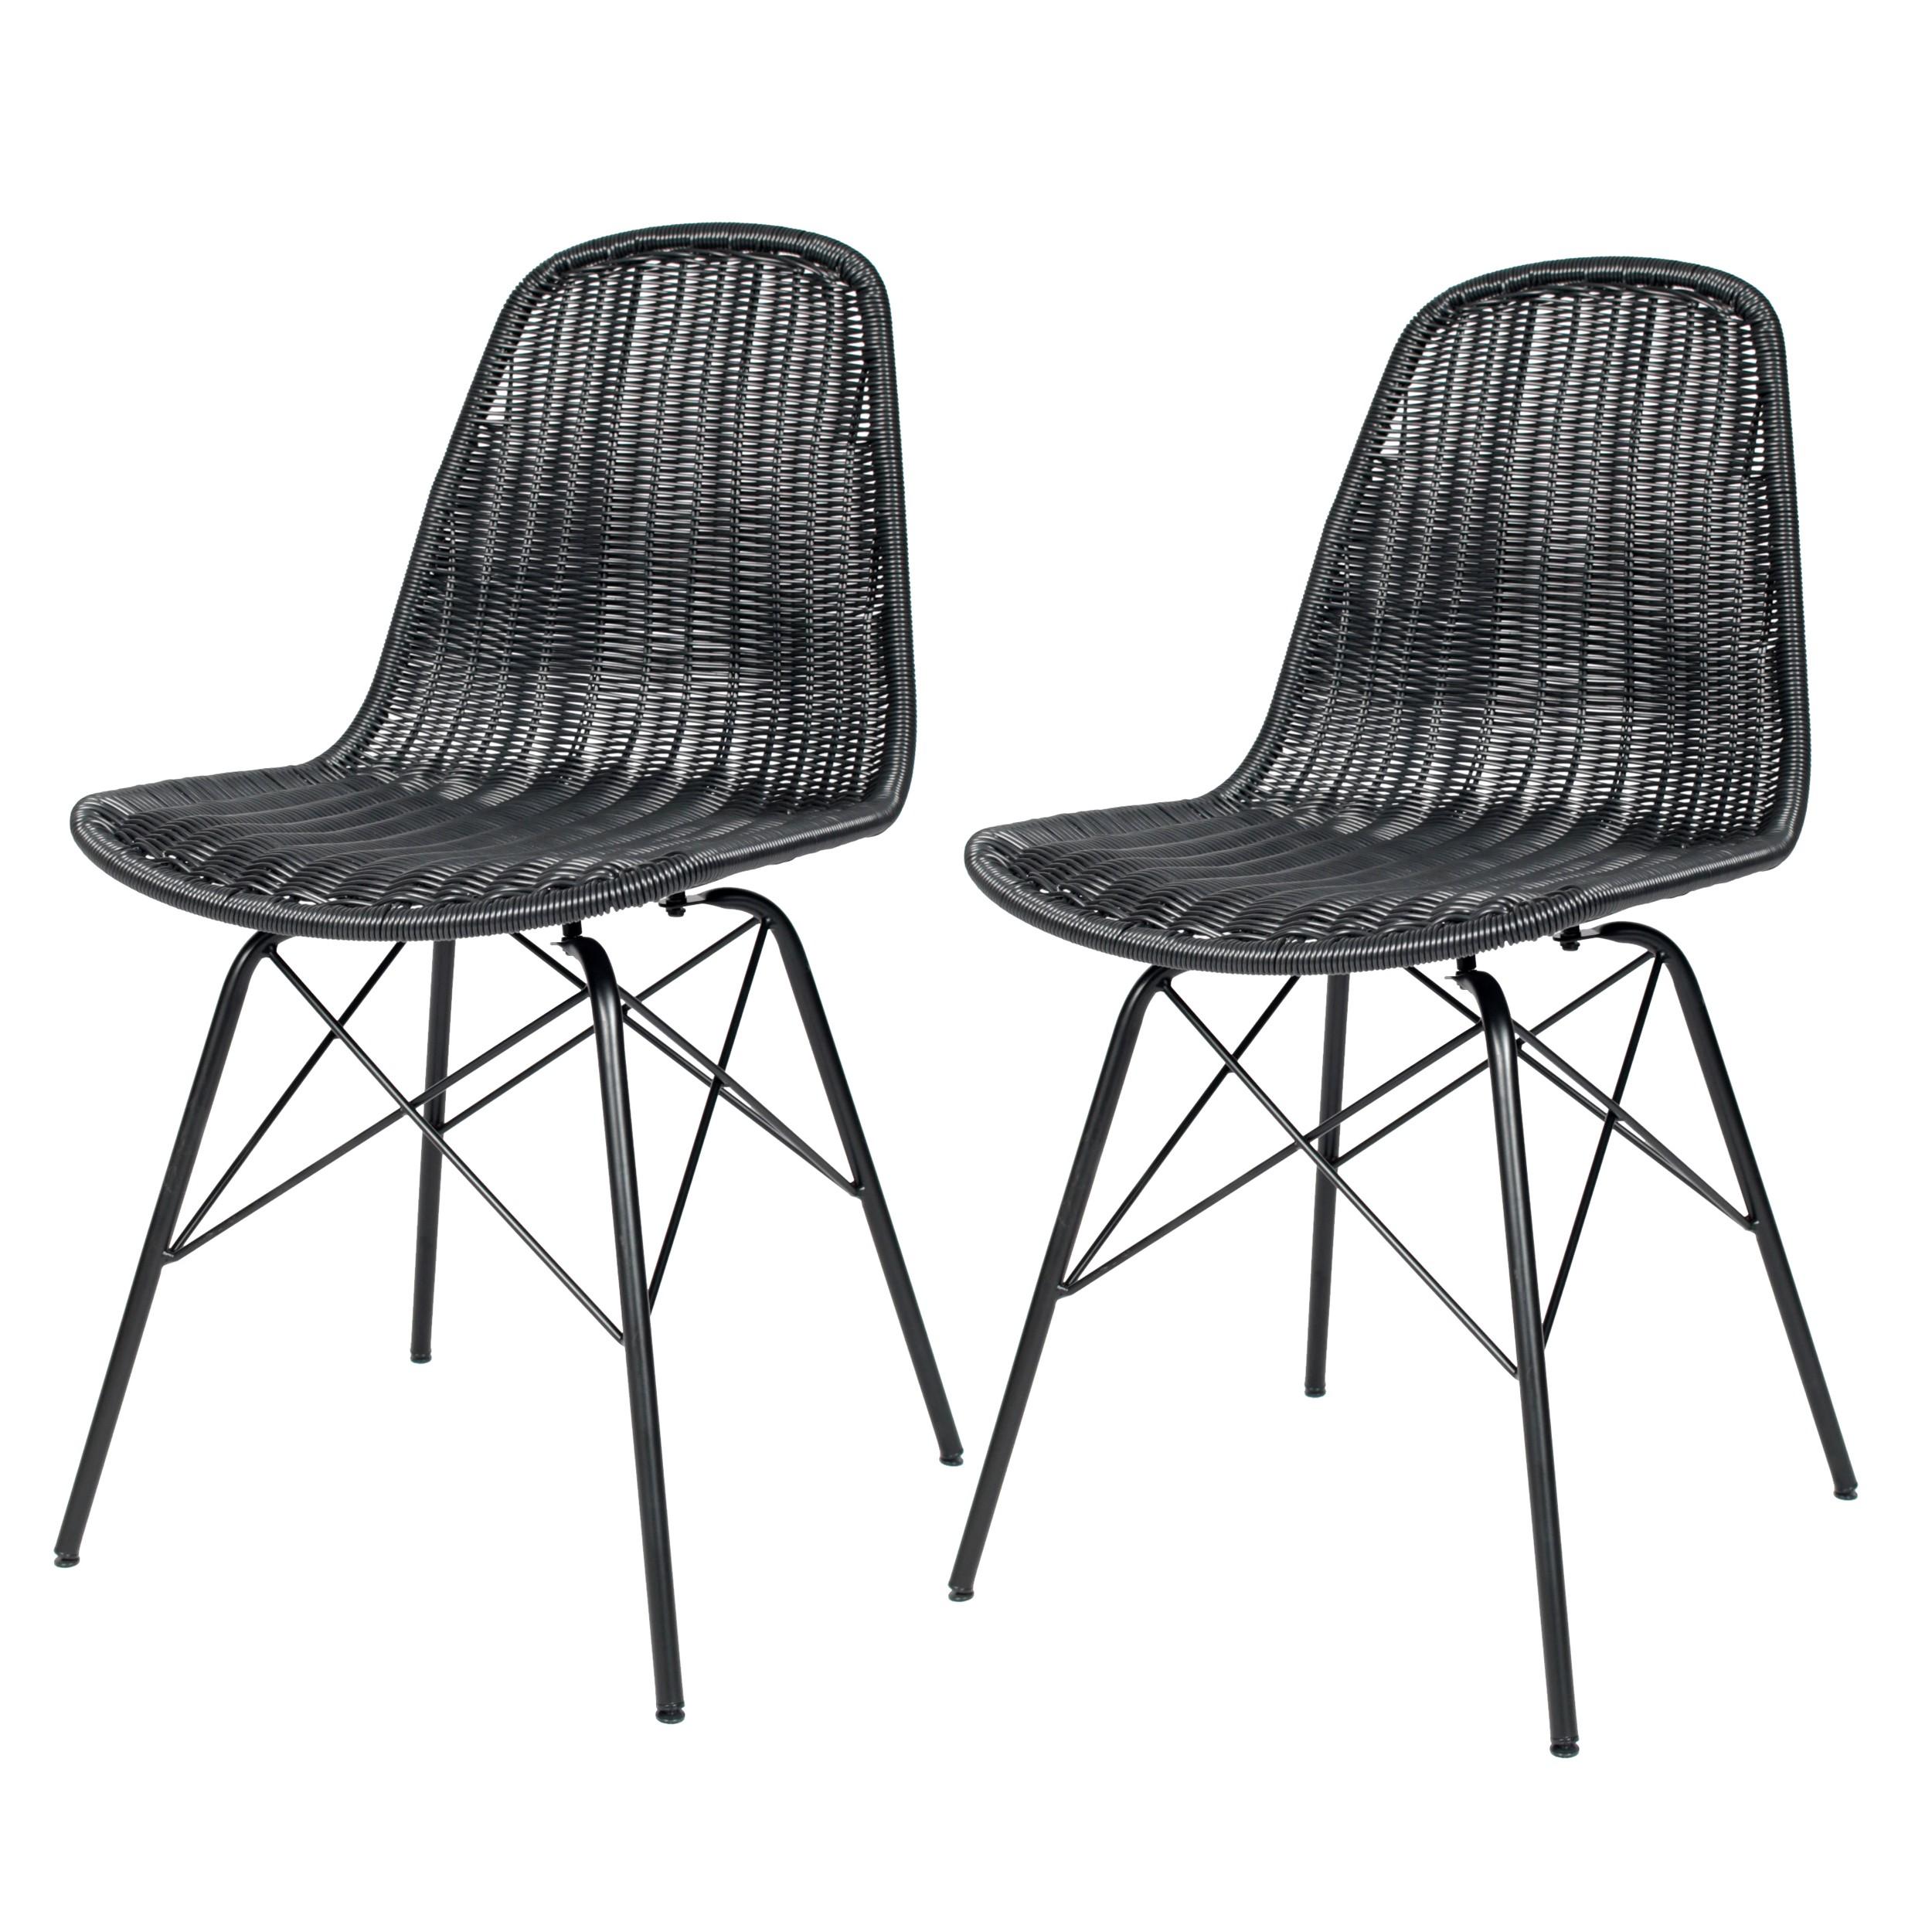 acheter-chaise-en-resine-tressee-lot-de-2_1 Meilleur De De Fauteuil Resine Tressee Concept